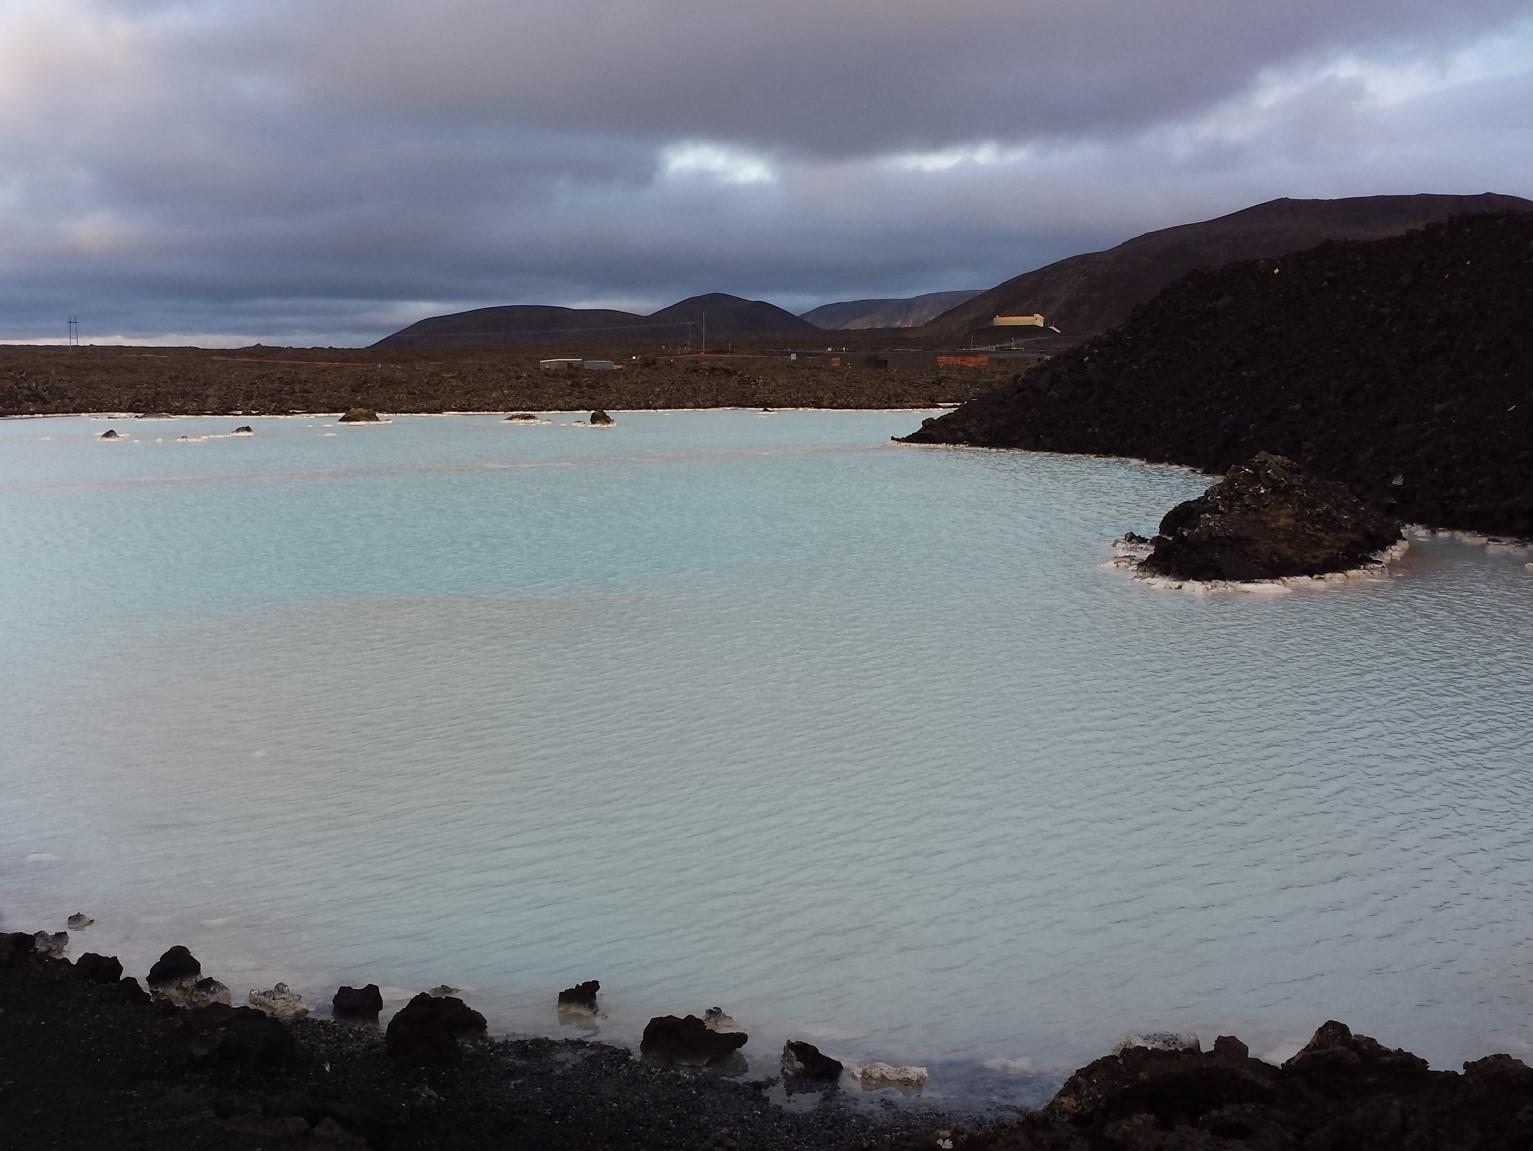 Heiße Quelle in Island: Wellness in der Blauen Lagune